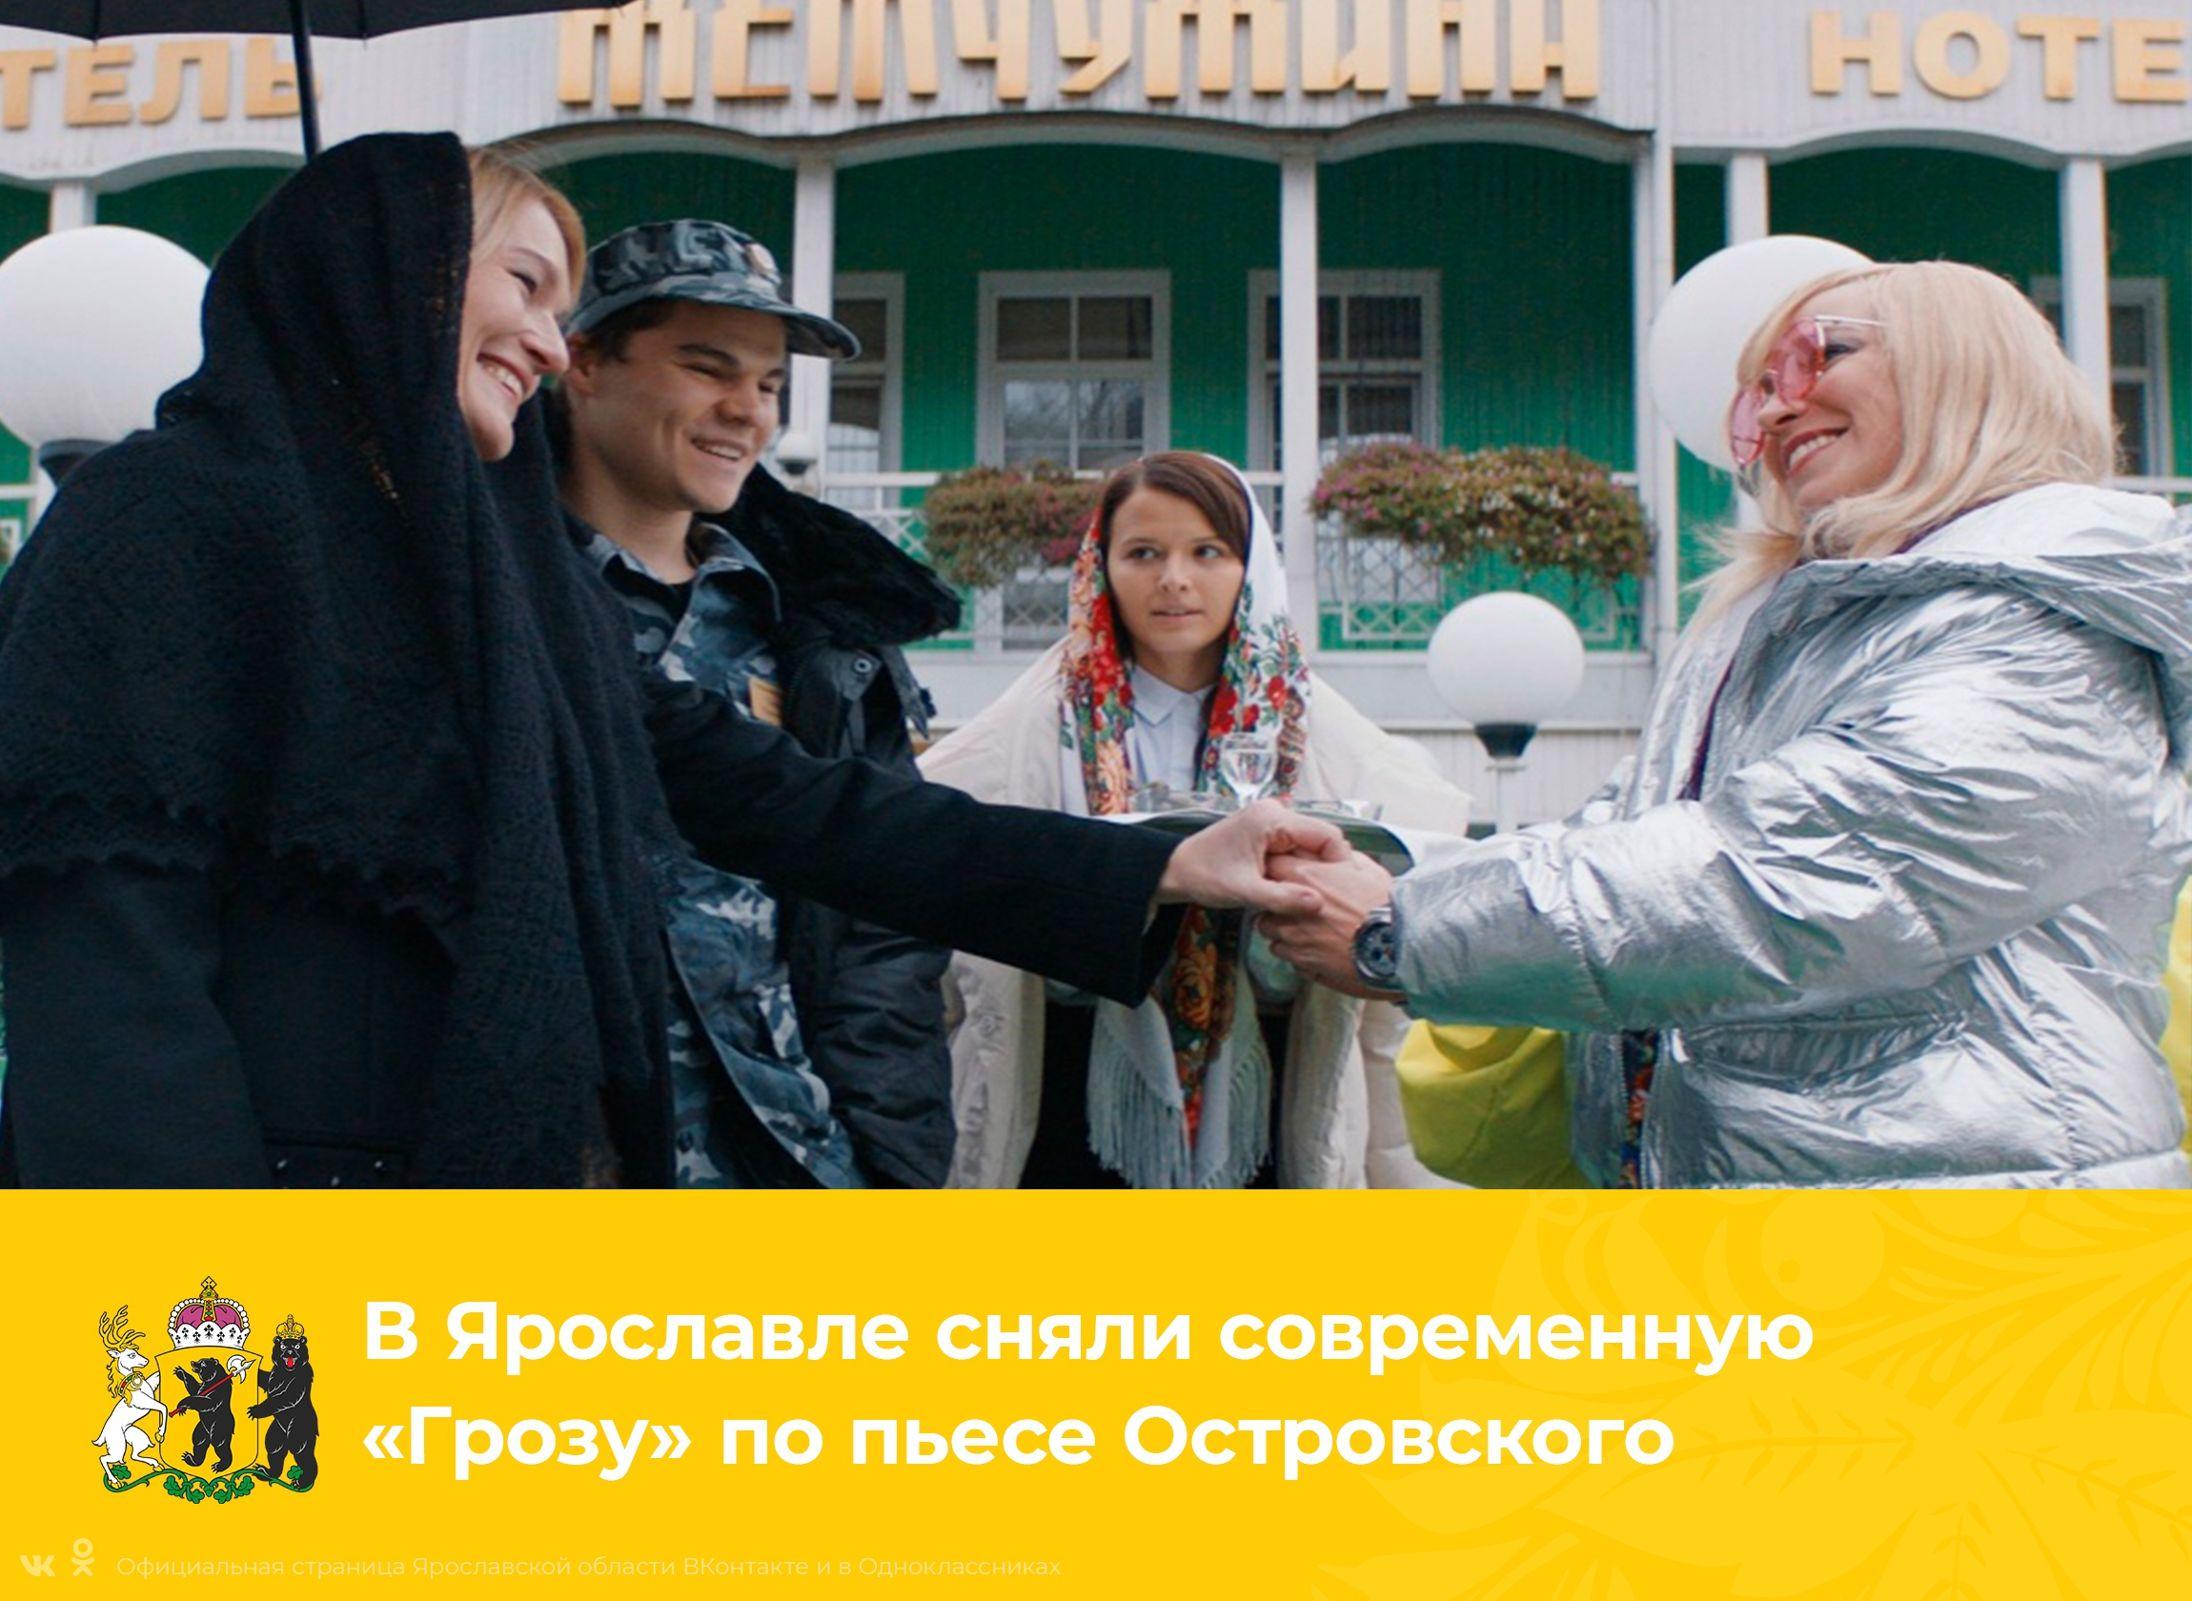 Ярославль превратился в город Калинов в вышедшем на экраны фильме «Гроза» по пьесе Островского